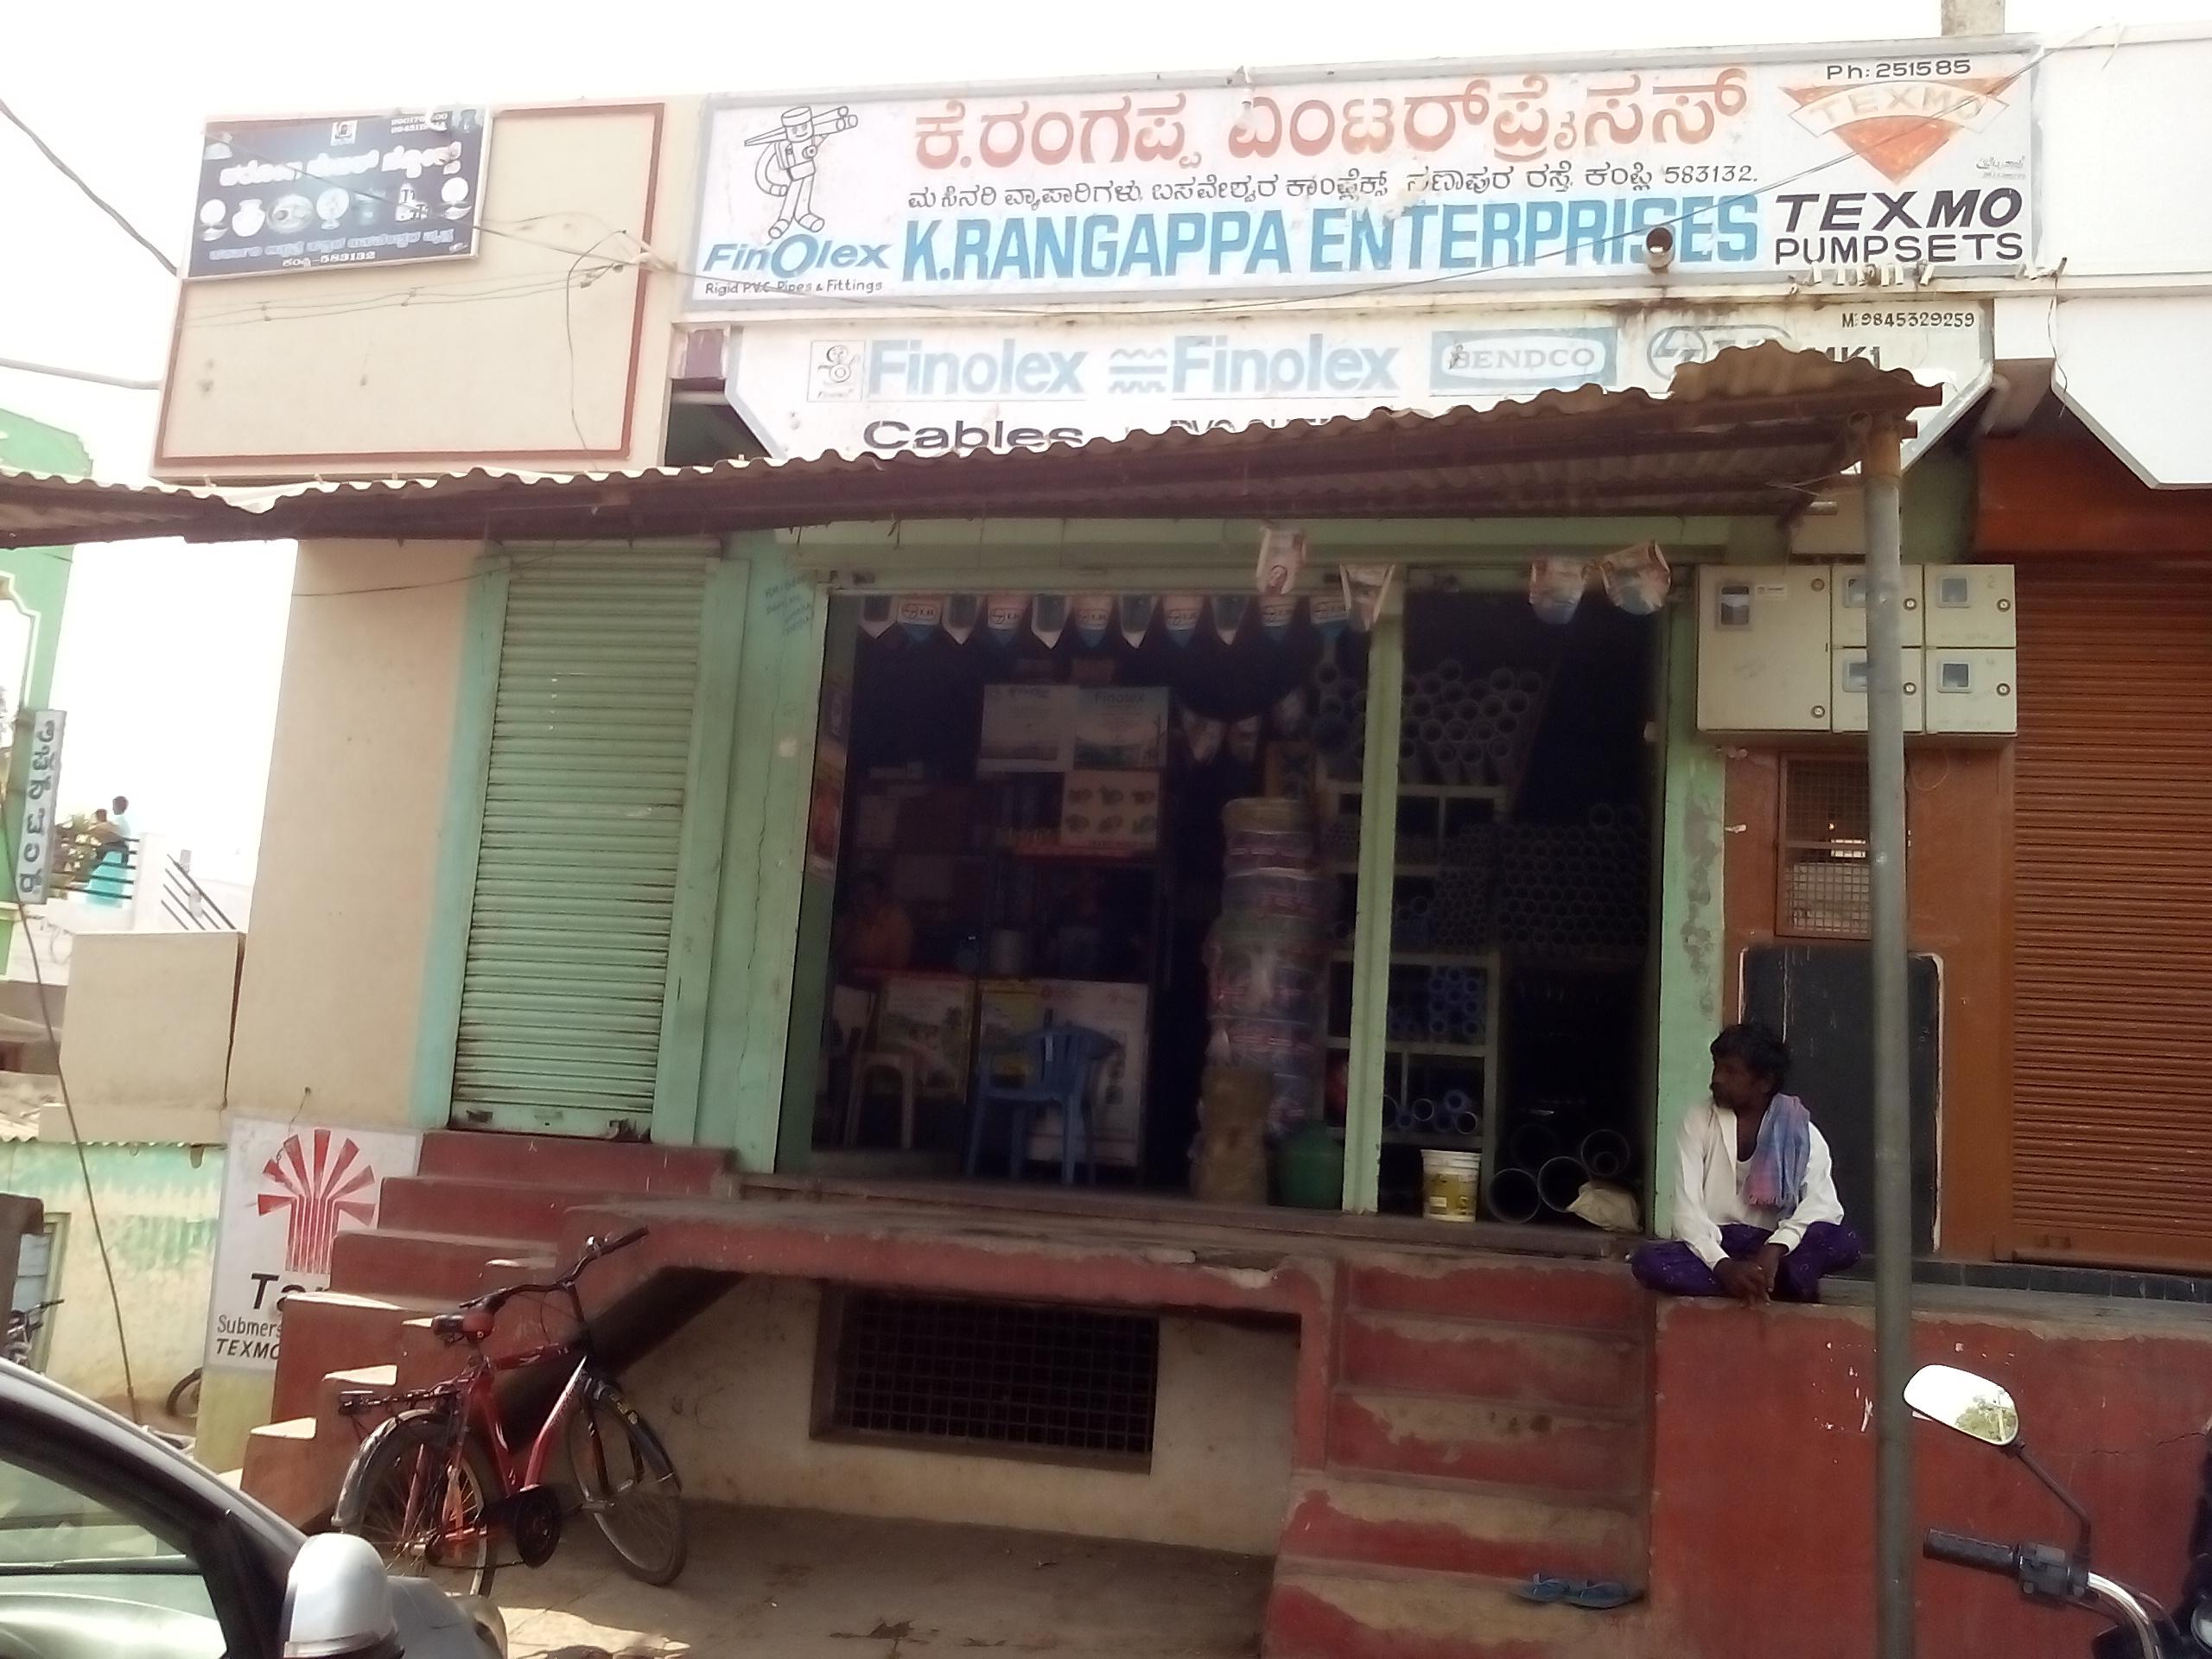 K. Rangappa Enterprises